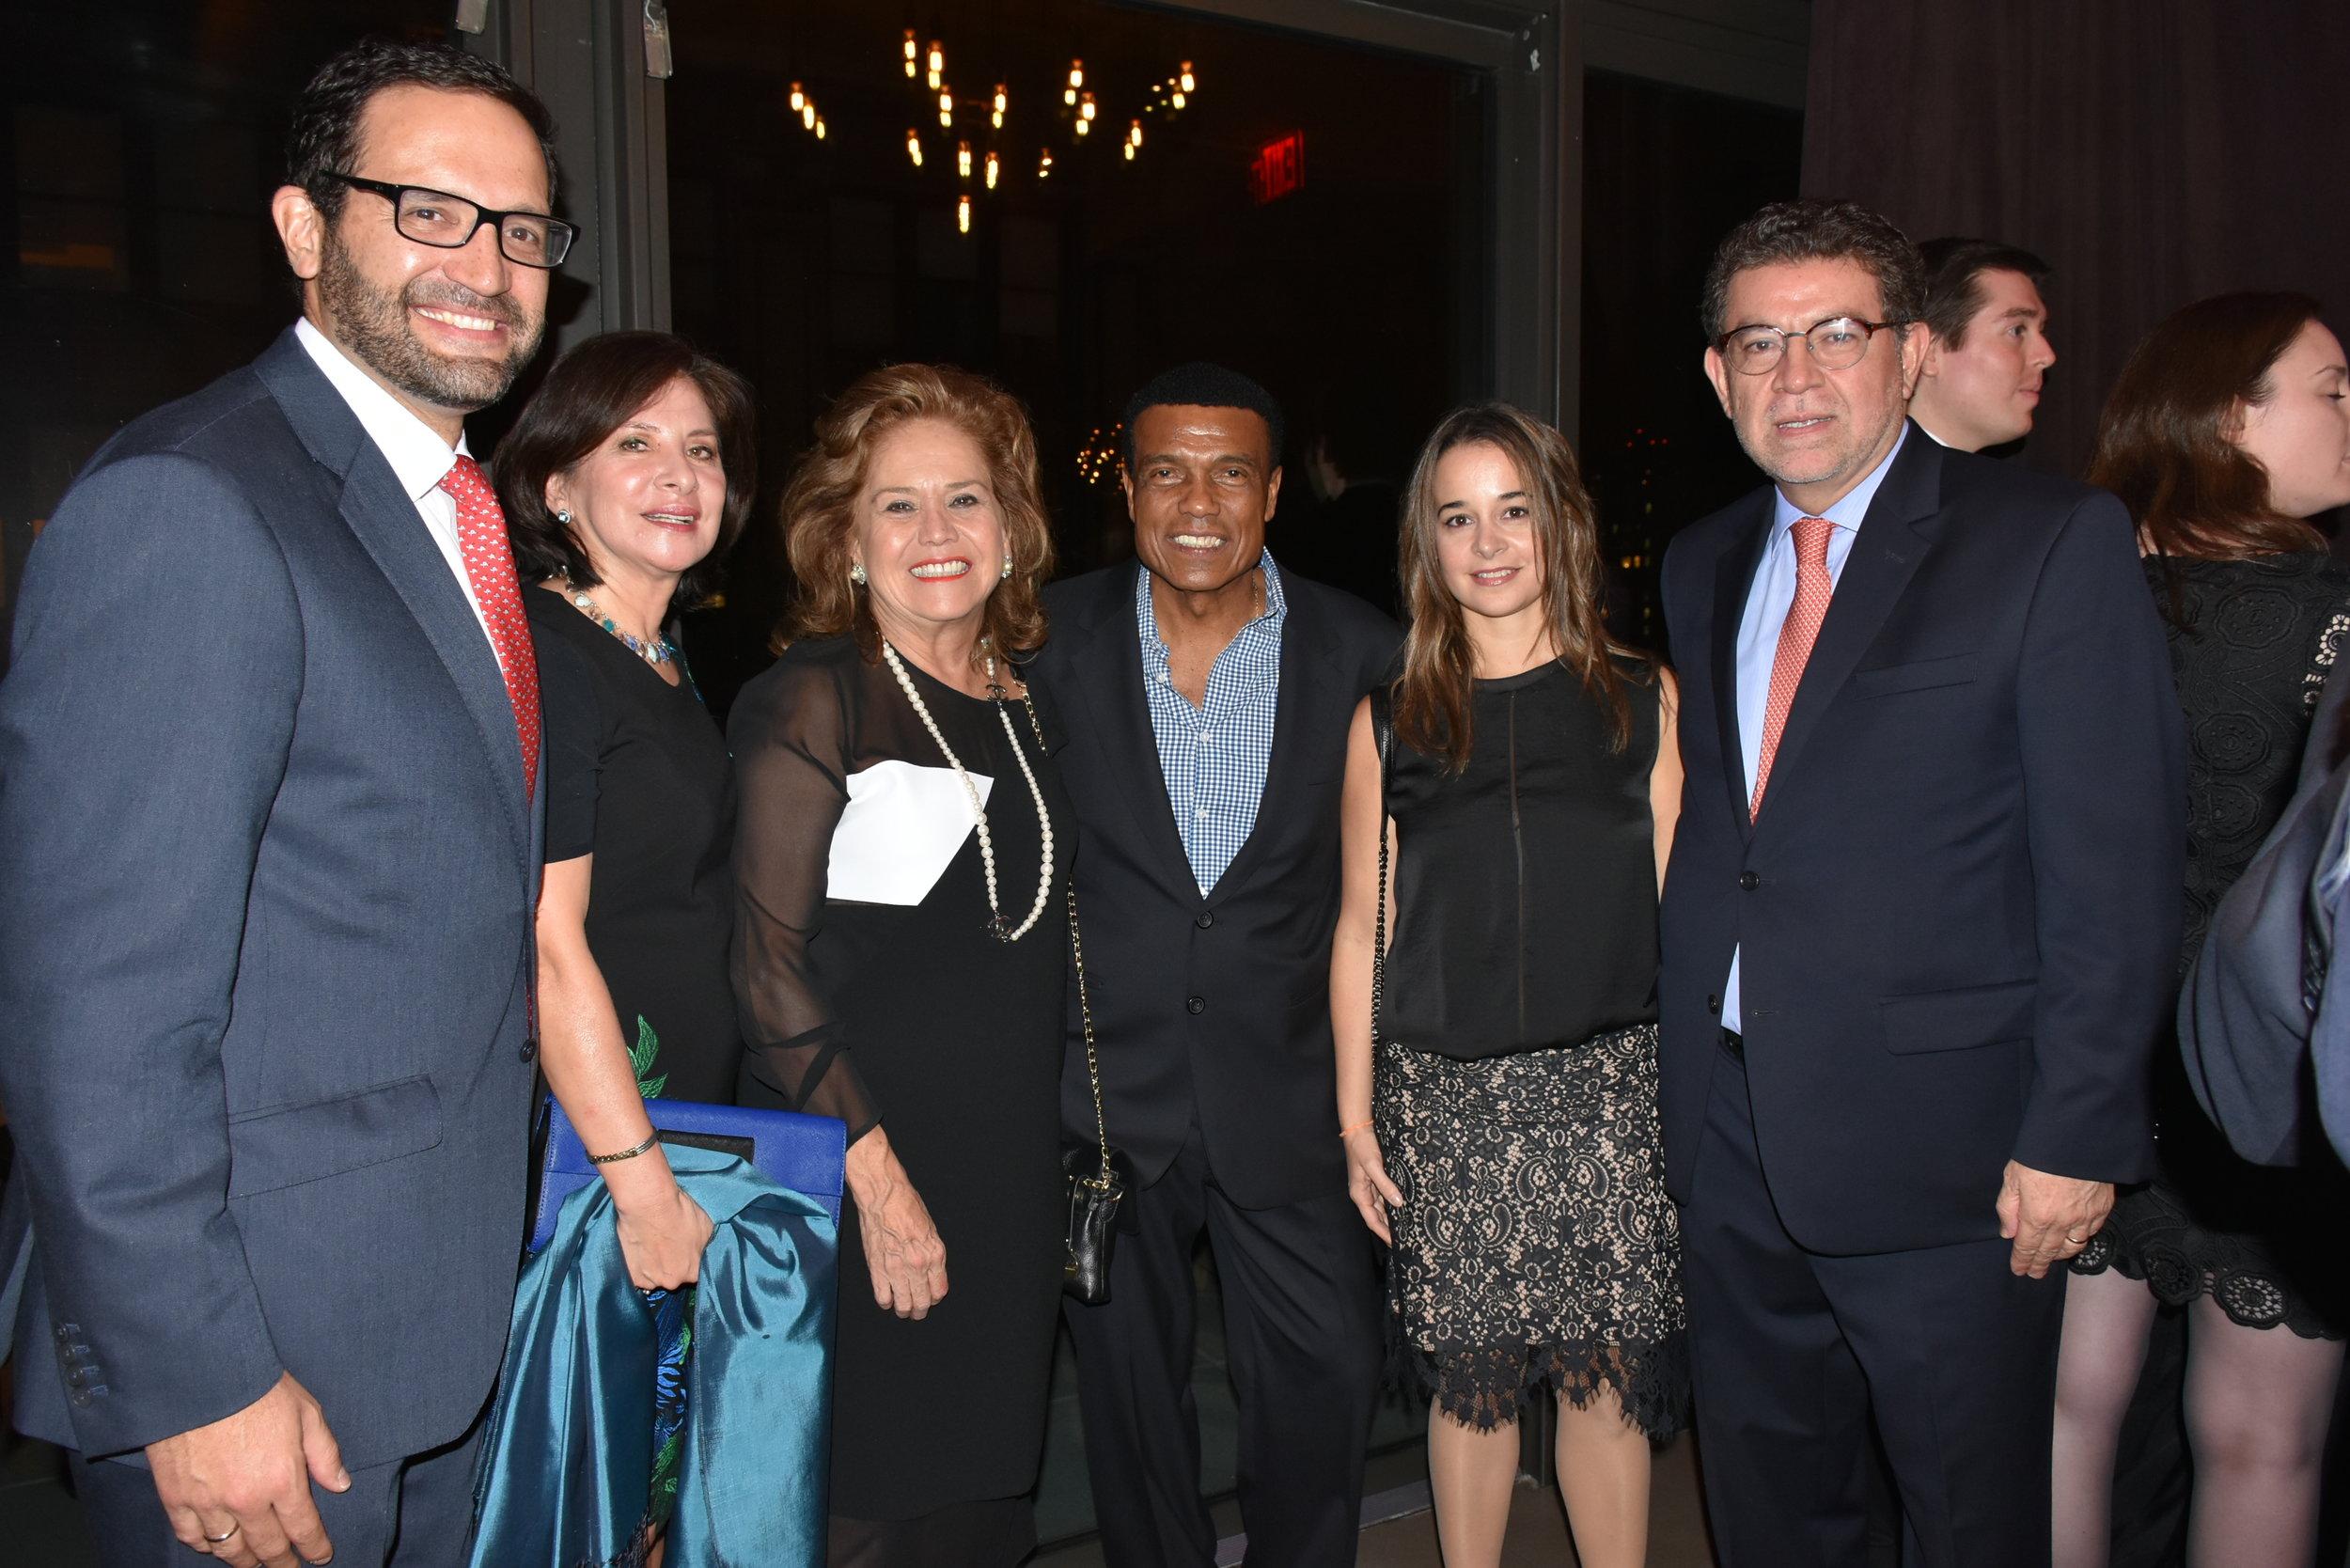 DSC_4814 - Fernando Bravo, Sonia Meza Cuadra, Maria Teresa Merino de Hart (Consul General en NY), Teofilo Cubillas, Maria Spinzi y Gustavo Meza Cuadra (Embajador ante las Naciones Unidas).JPG